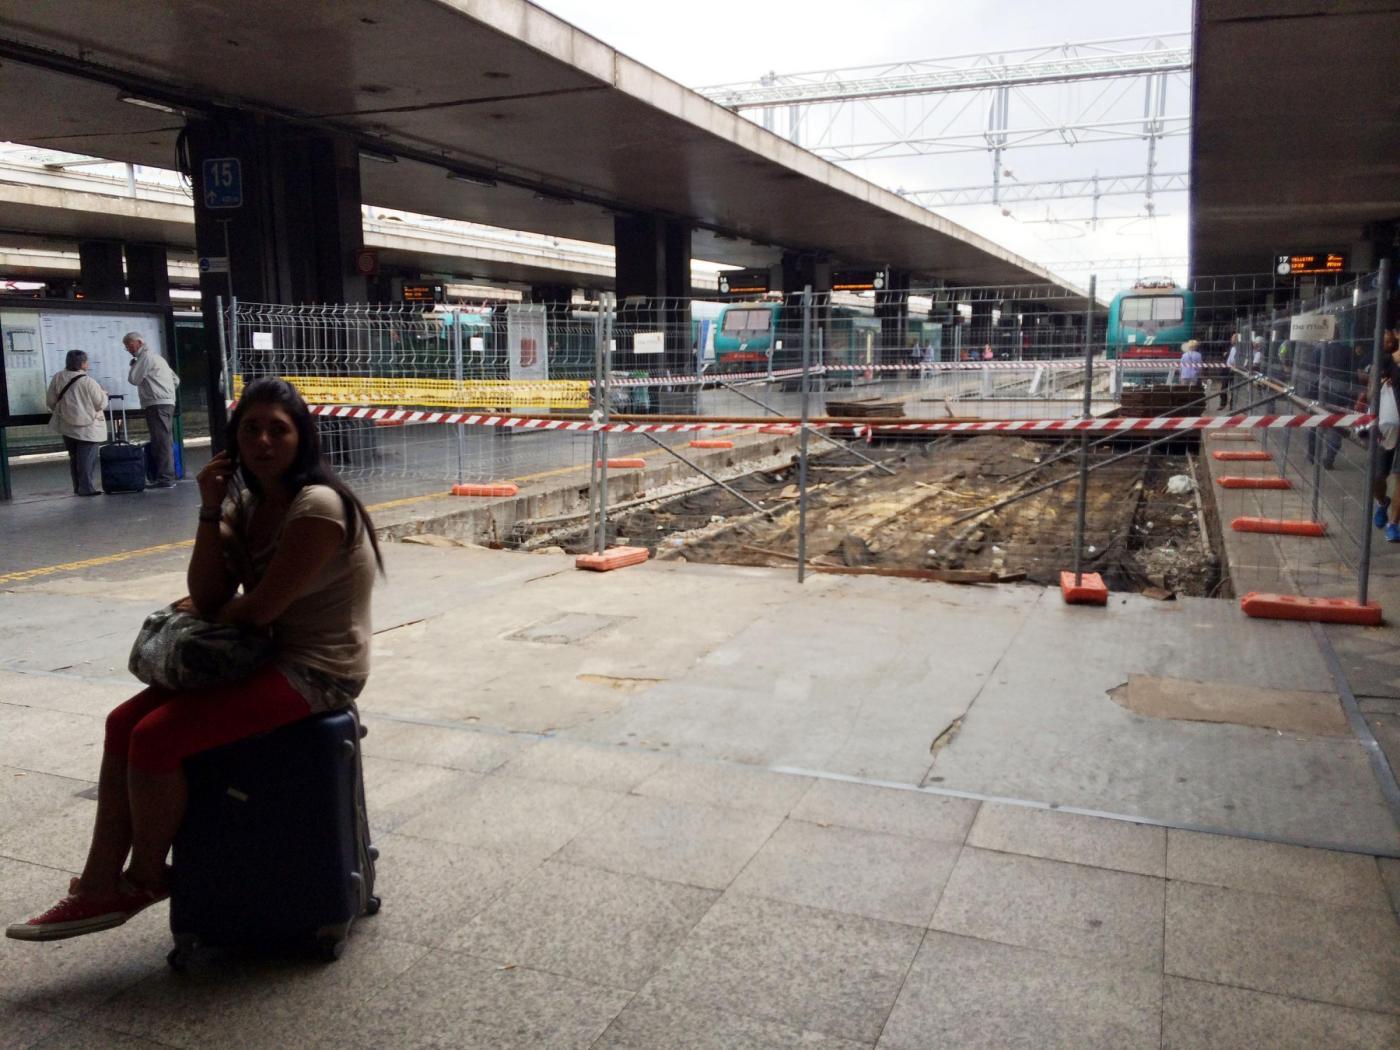 Roma termini per i turisti stranieri non l 39 inferno for Affitto ufficio roma stazione termini